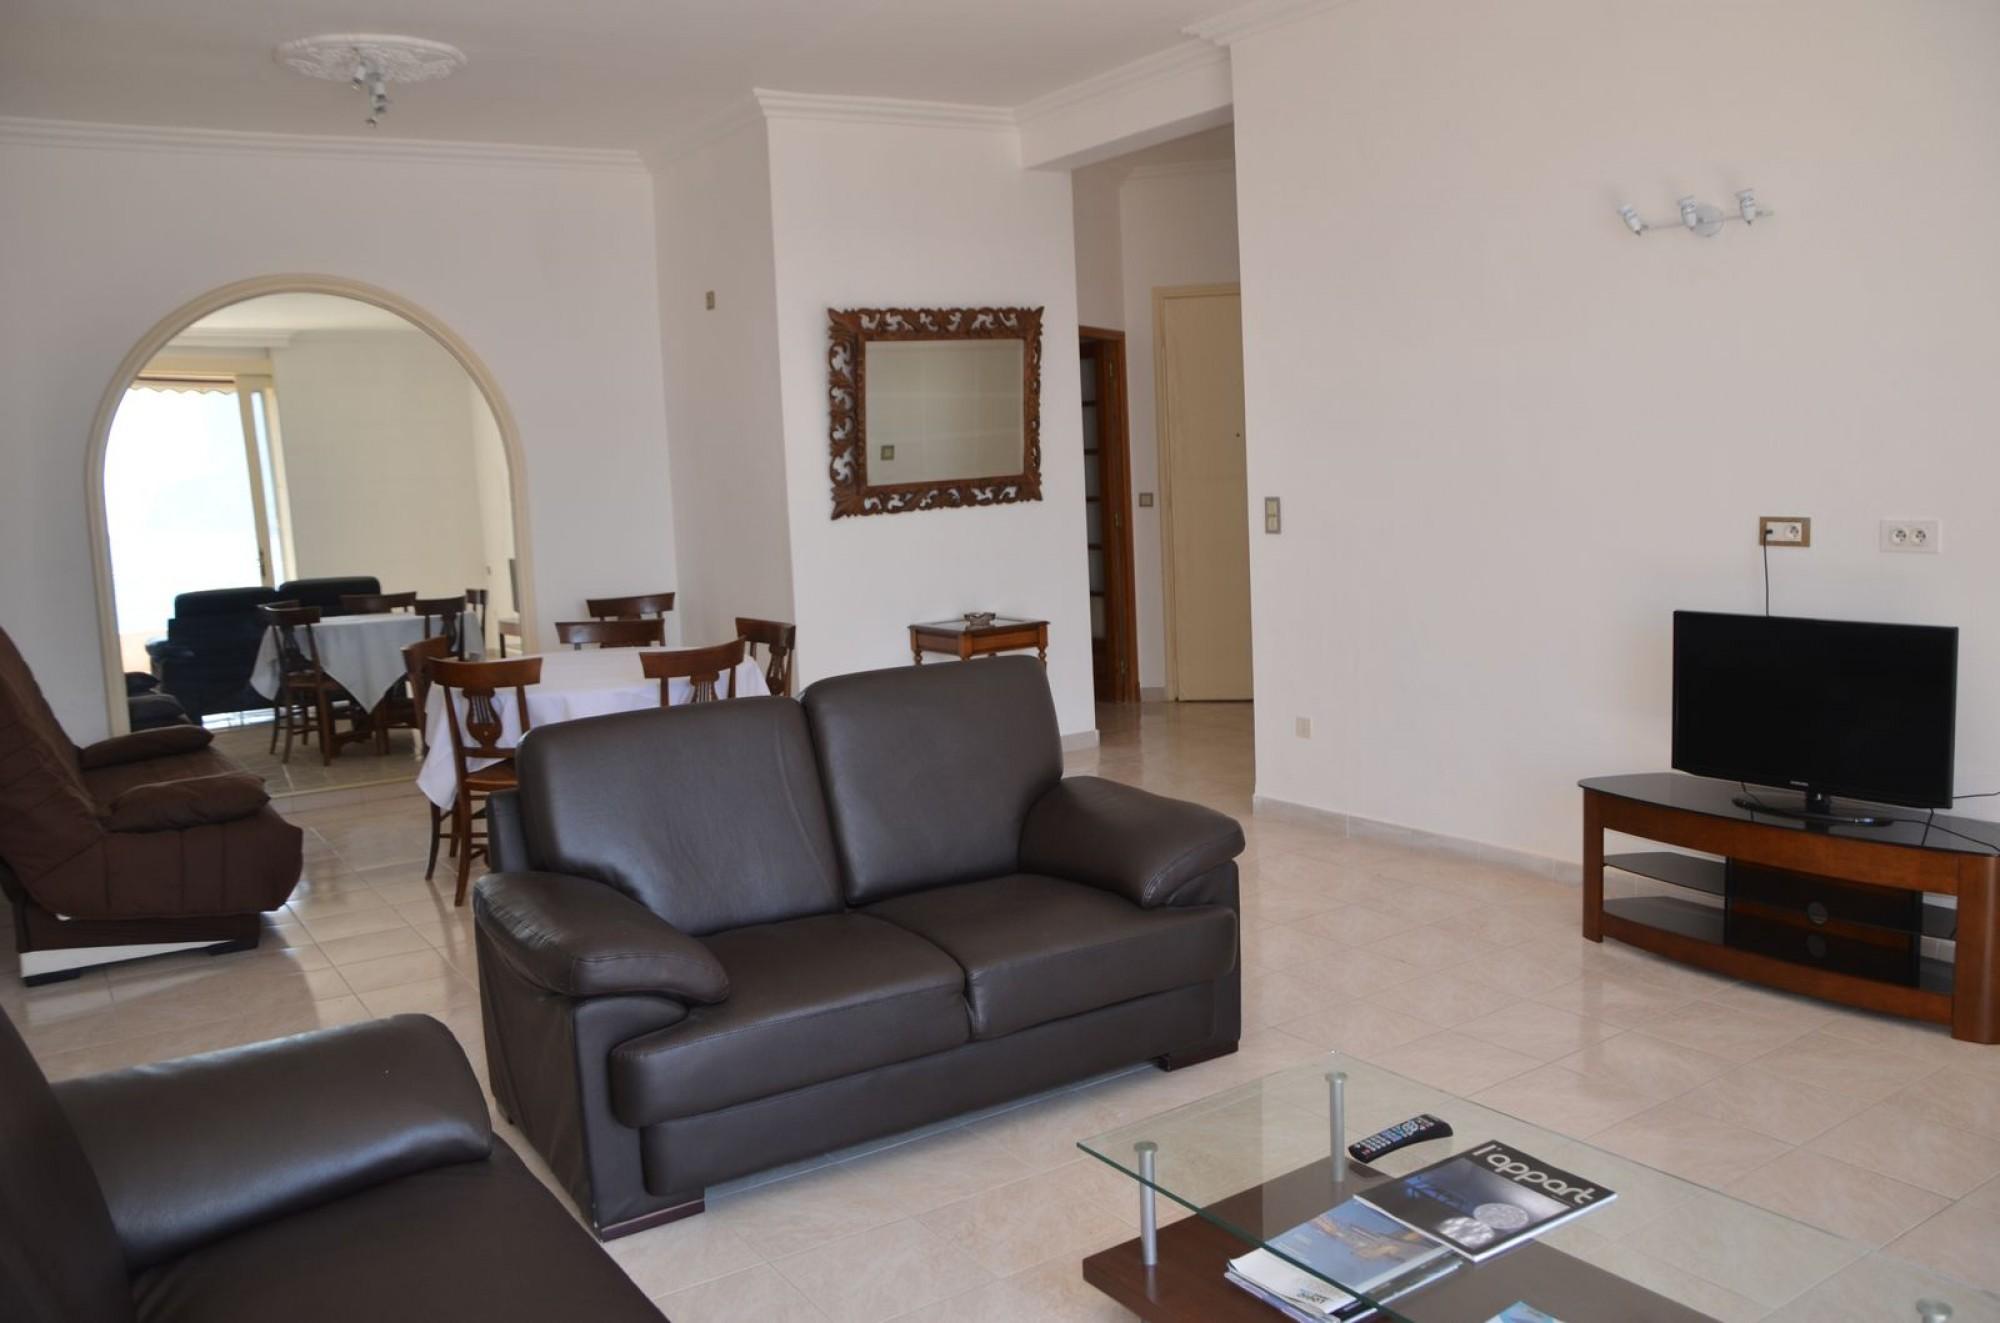 Location appartement Nantes : Ce n'est pas toujours simple de trouver un logement